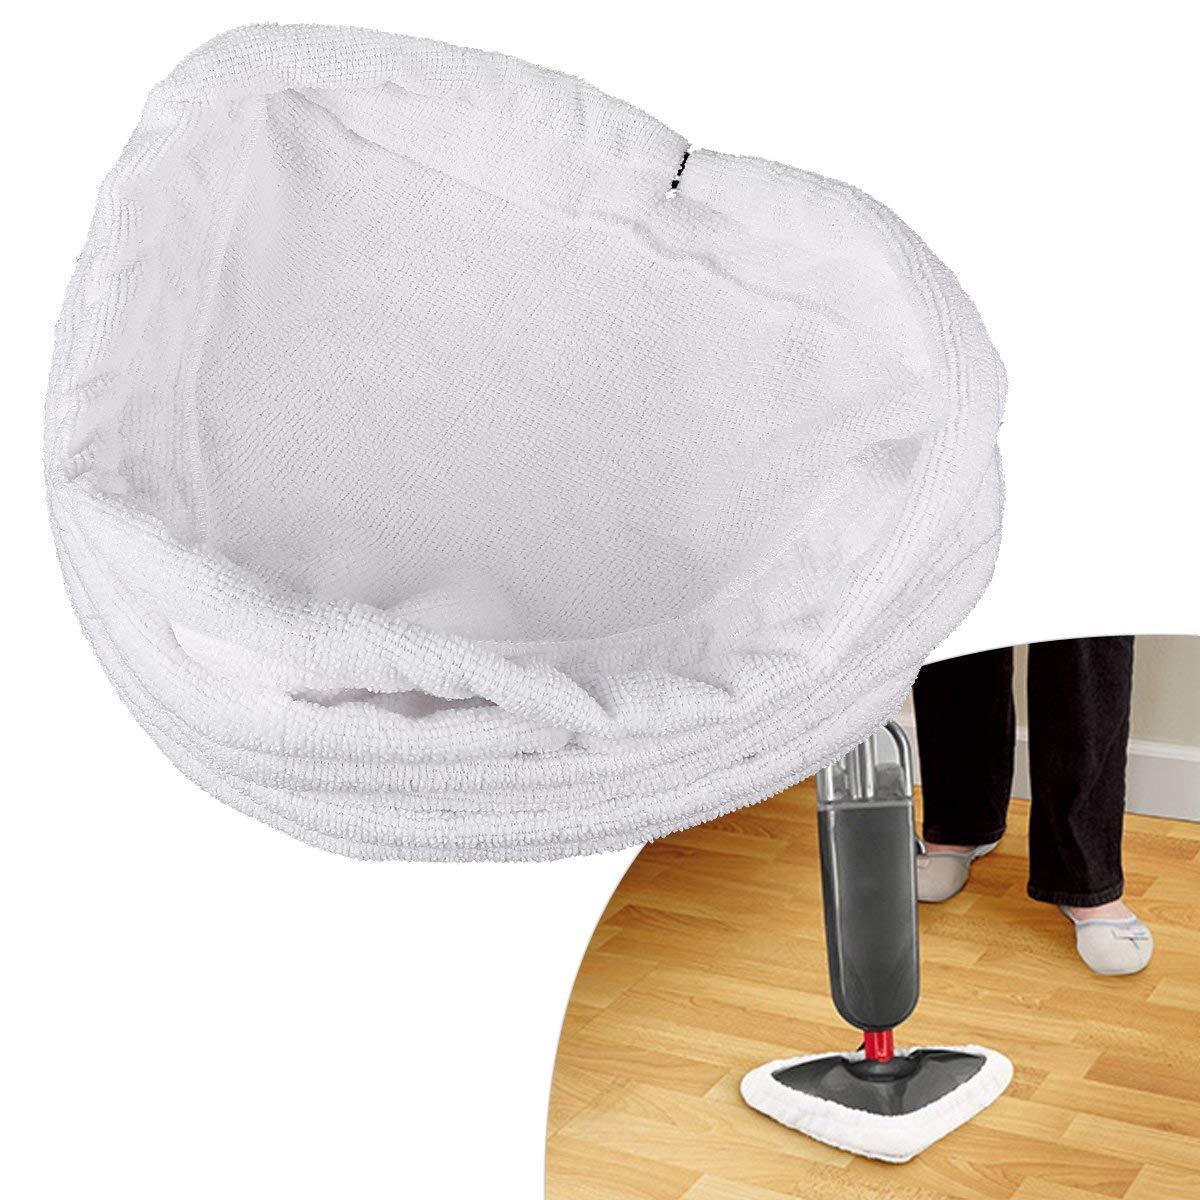 Queta 3 pz universale lavabile triangolare Steam mop Pad pulizia Pad copertura in microfibra compatibile con lavapavimenti a vapore X5 e Vax S2